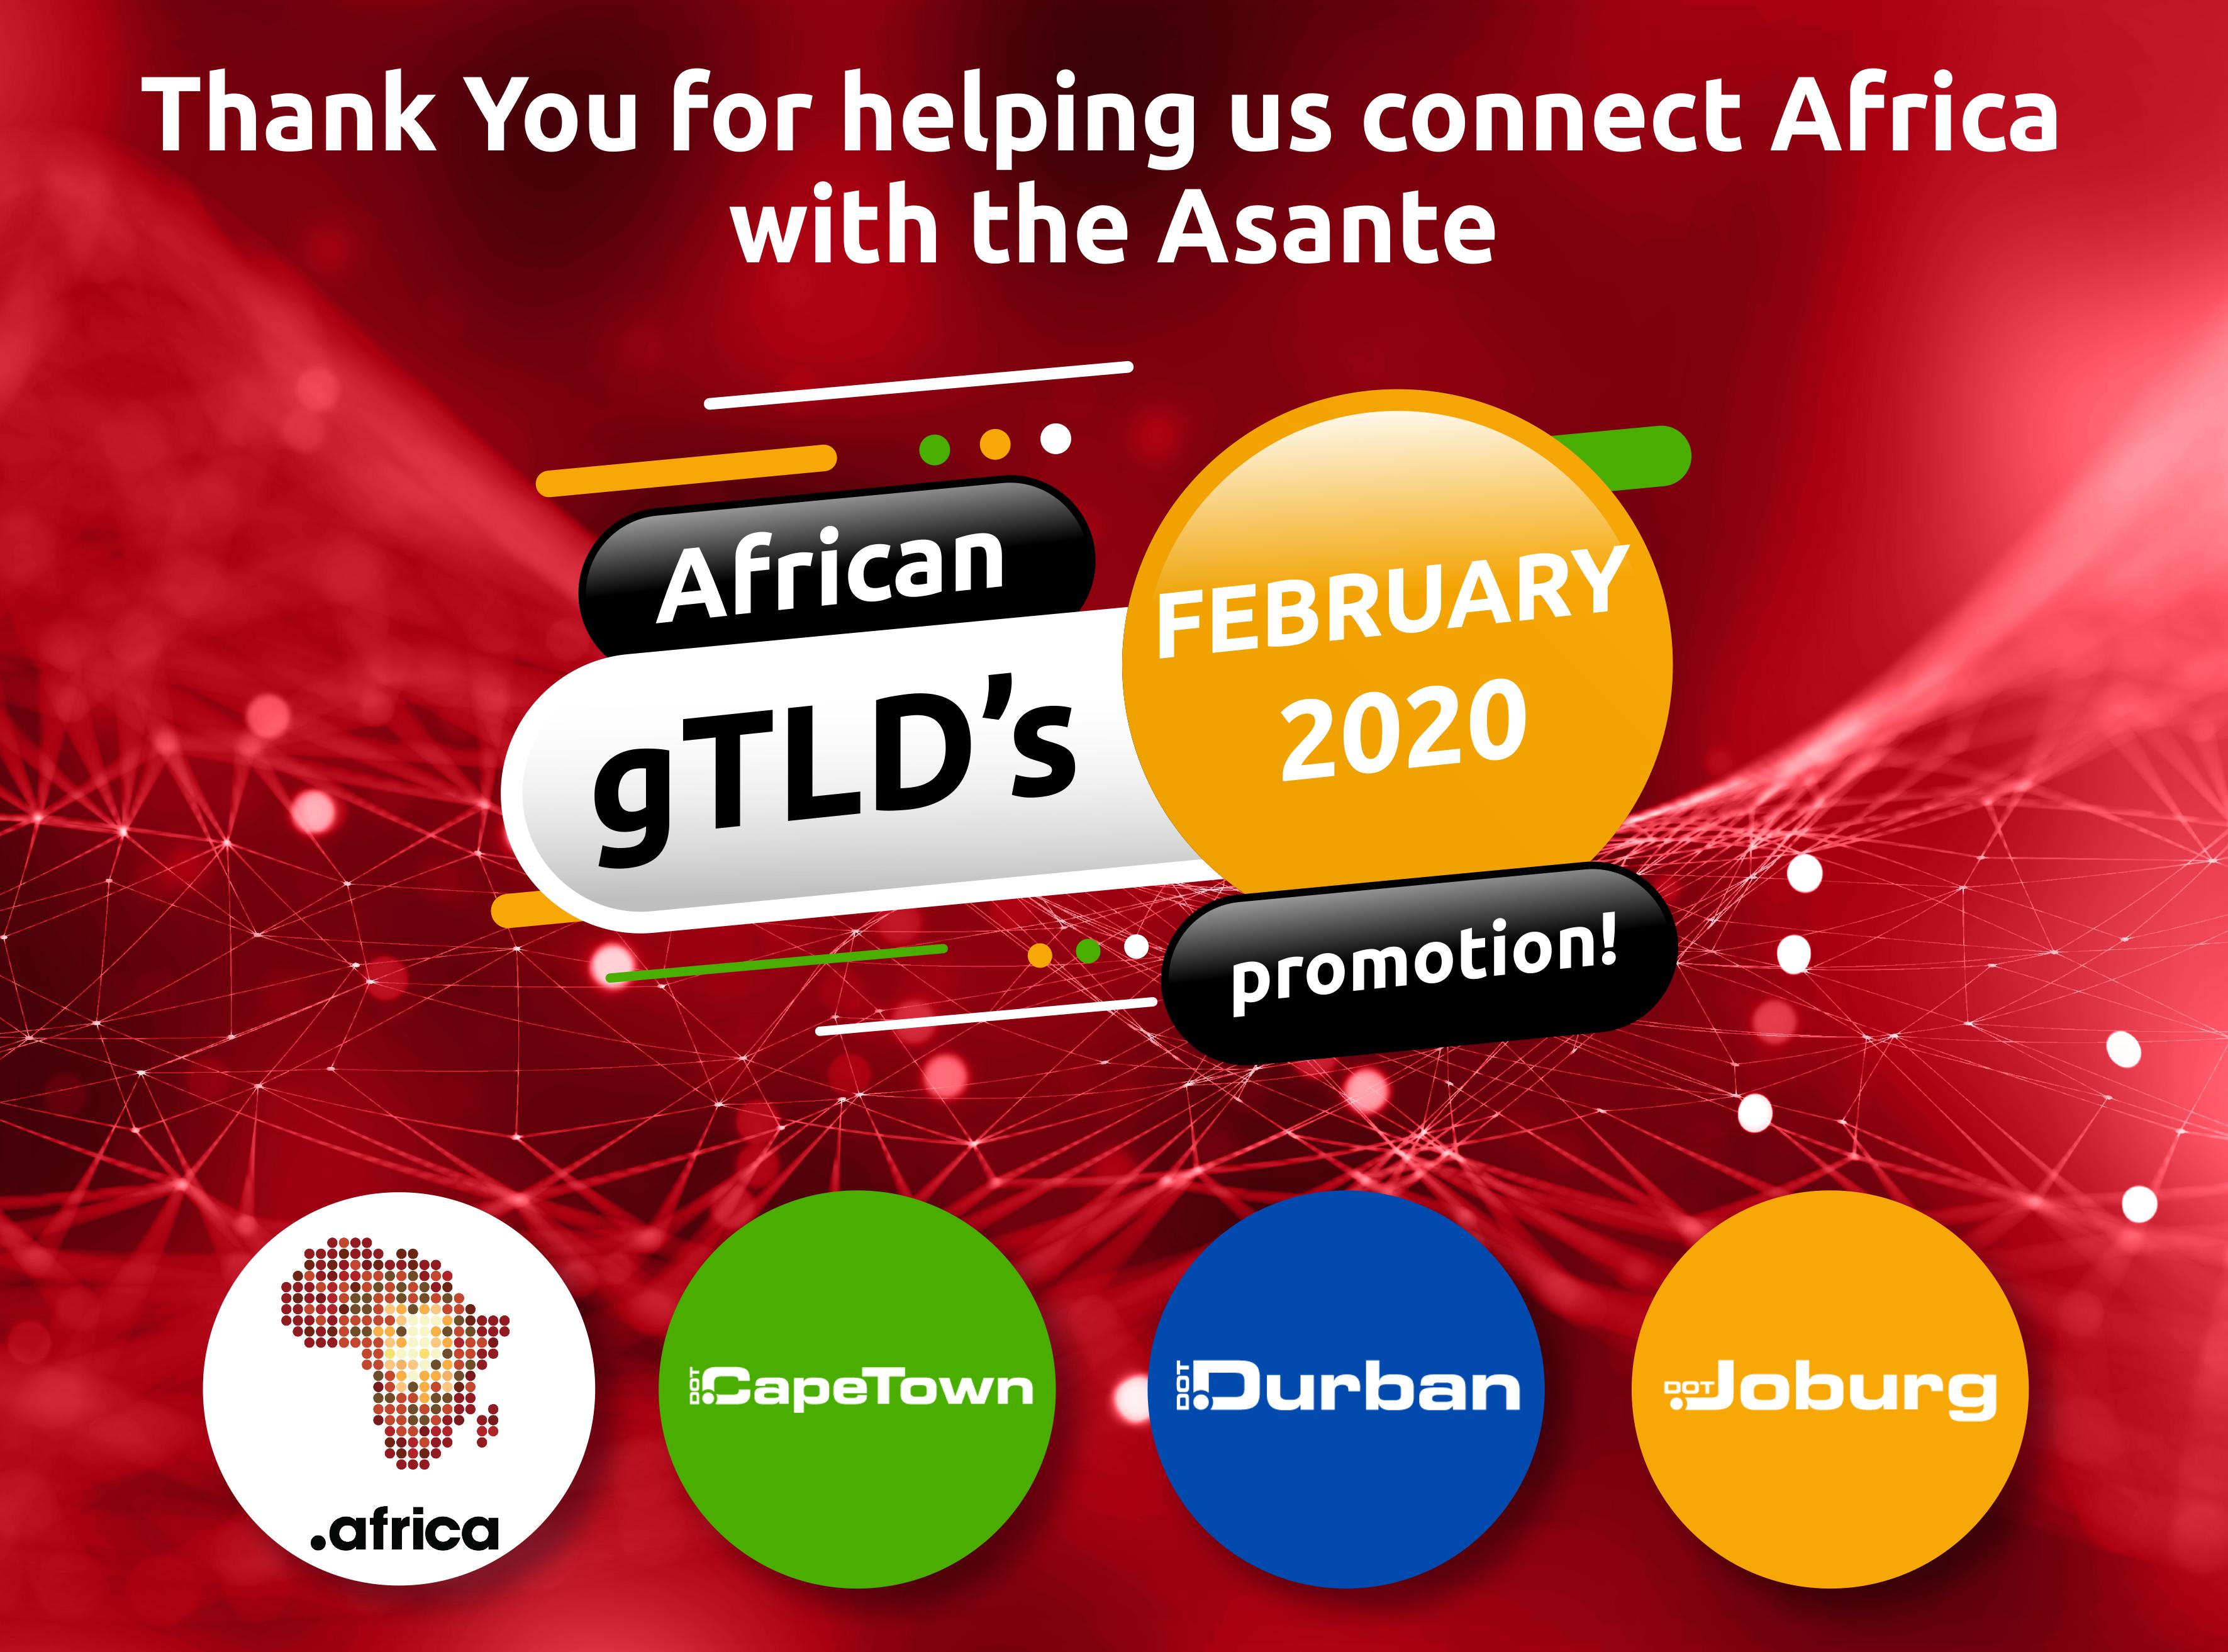 Asante Campaign Feedback